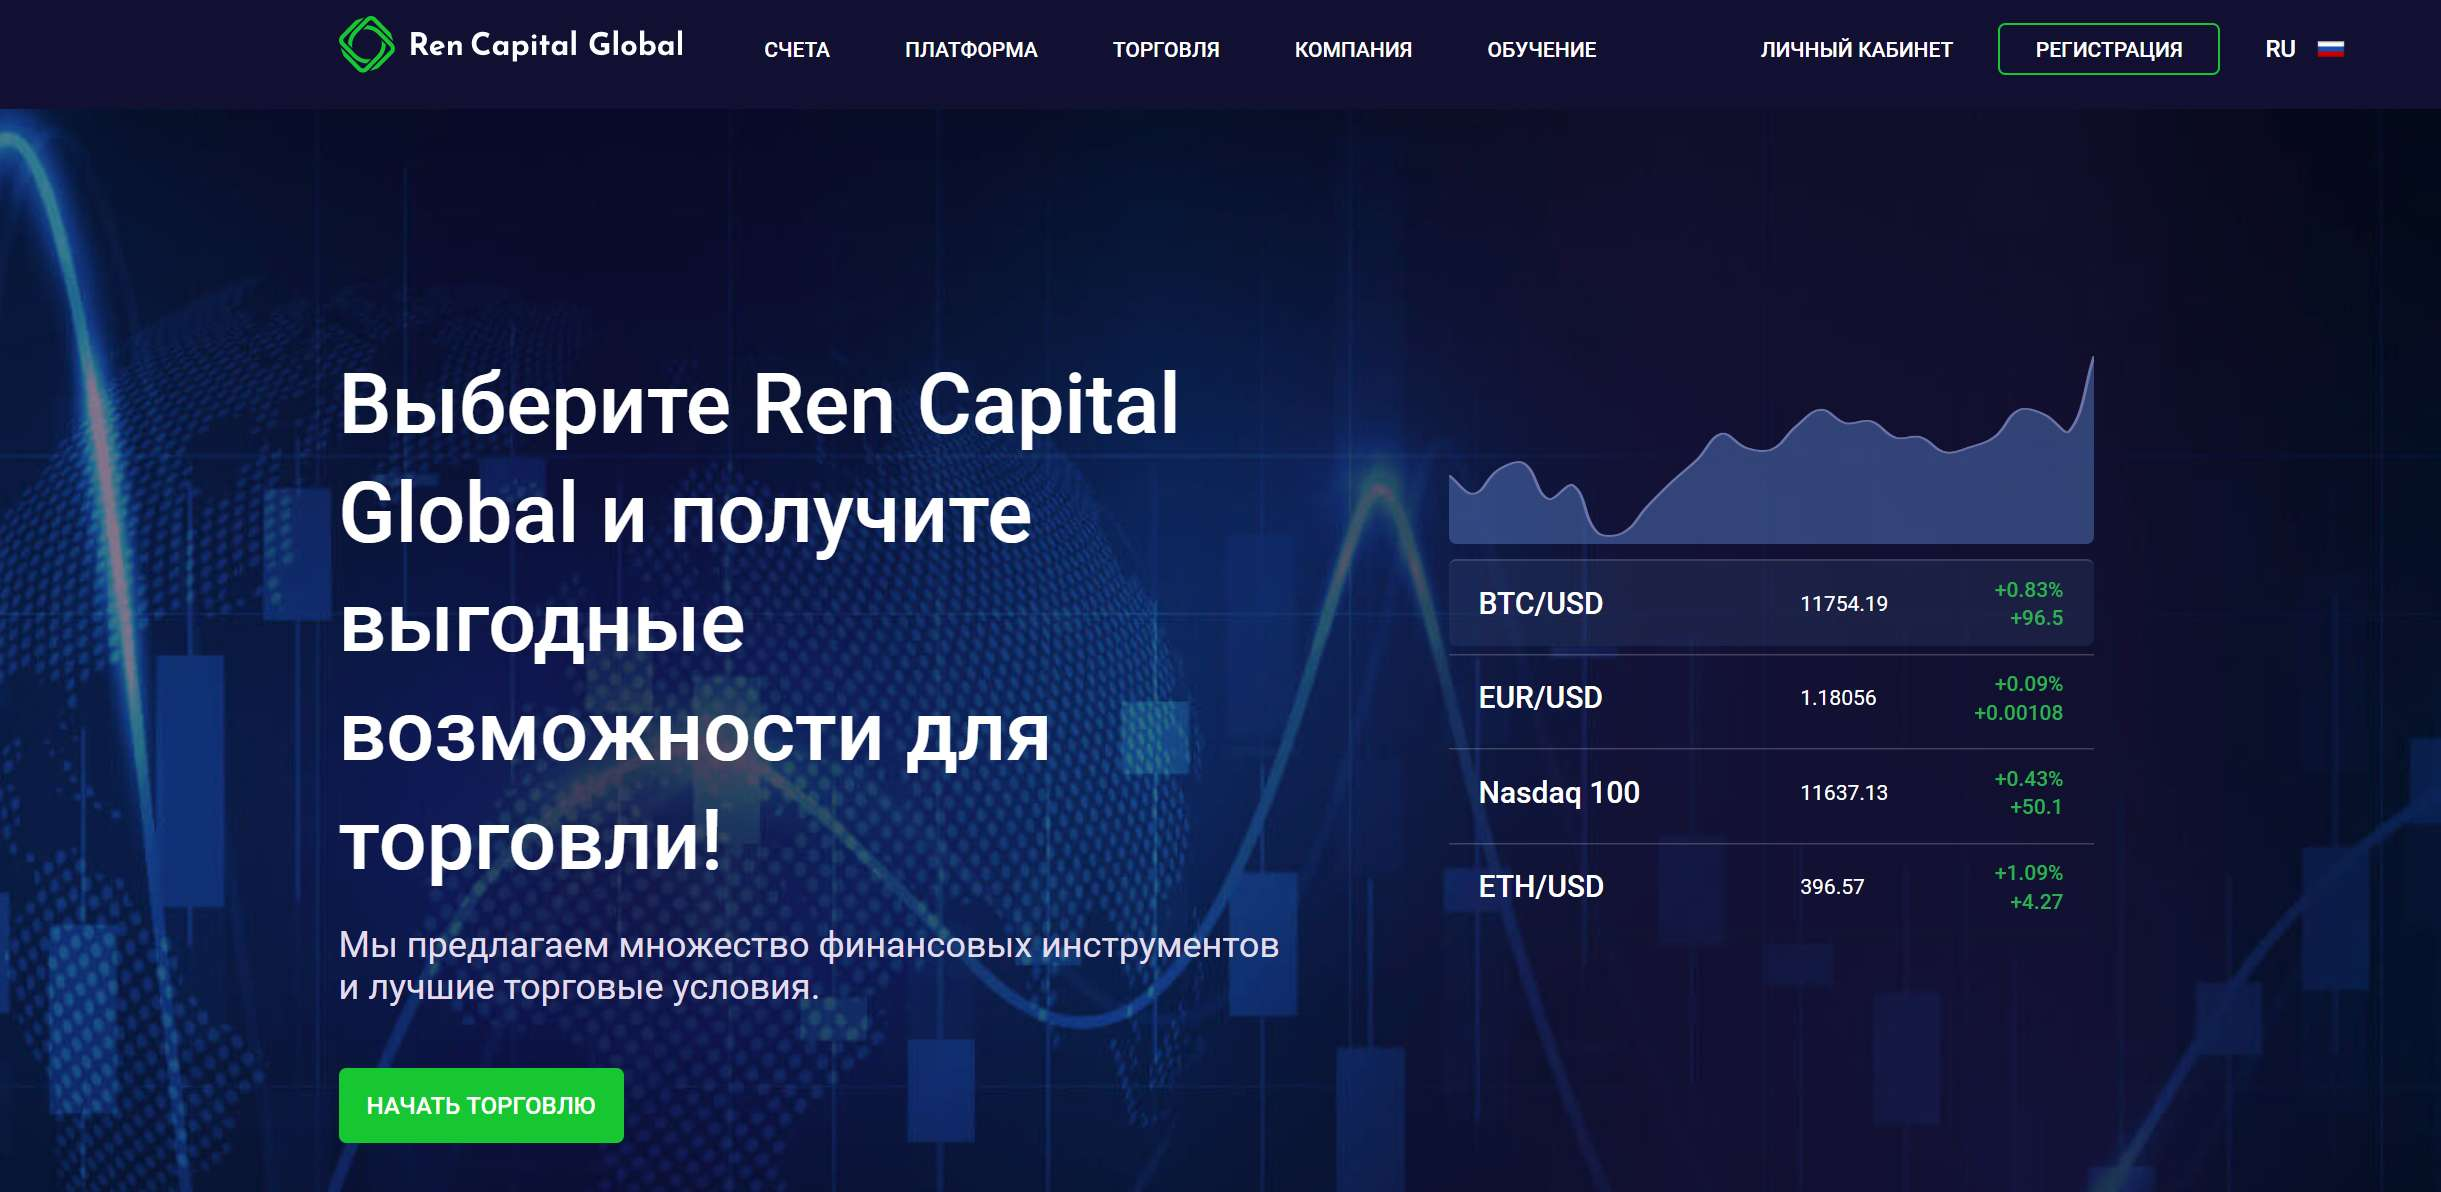 """Обзор и отзывы на Ren Capital Global. Очередные попытки """"залохотронить"""" население! Осторожно - обман!"""